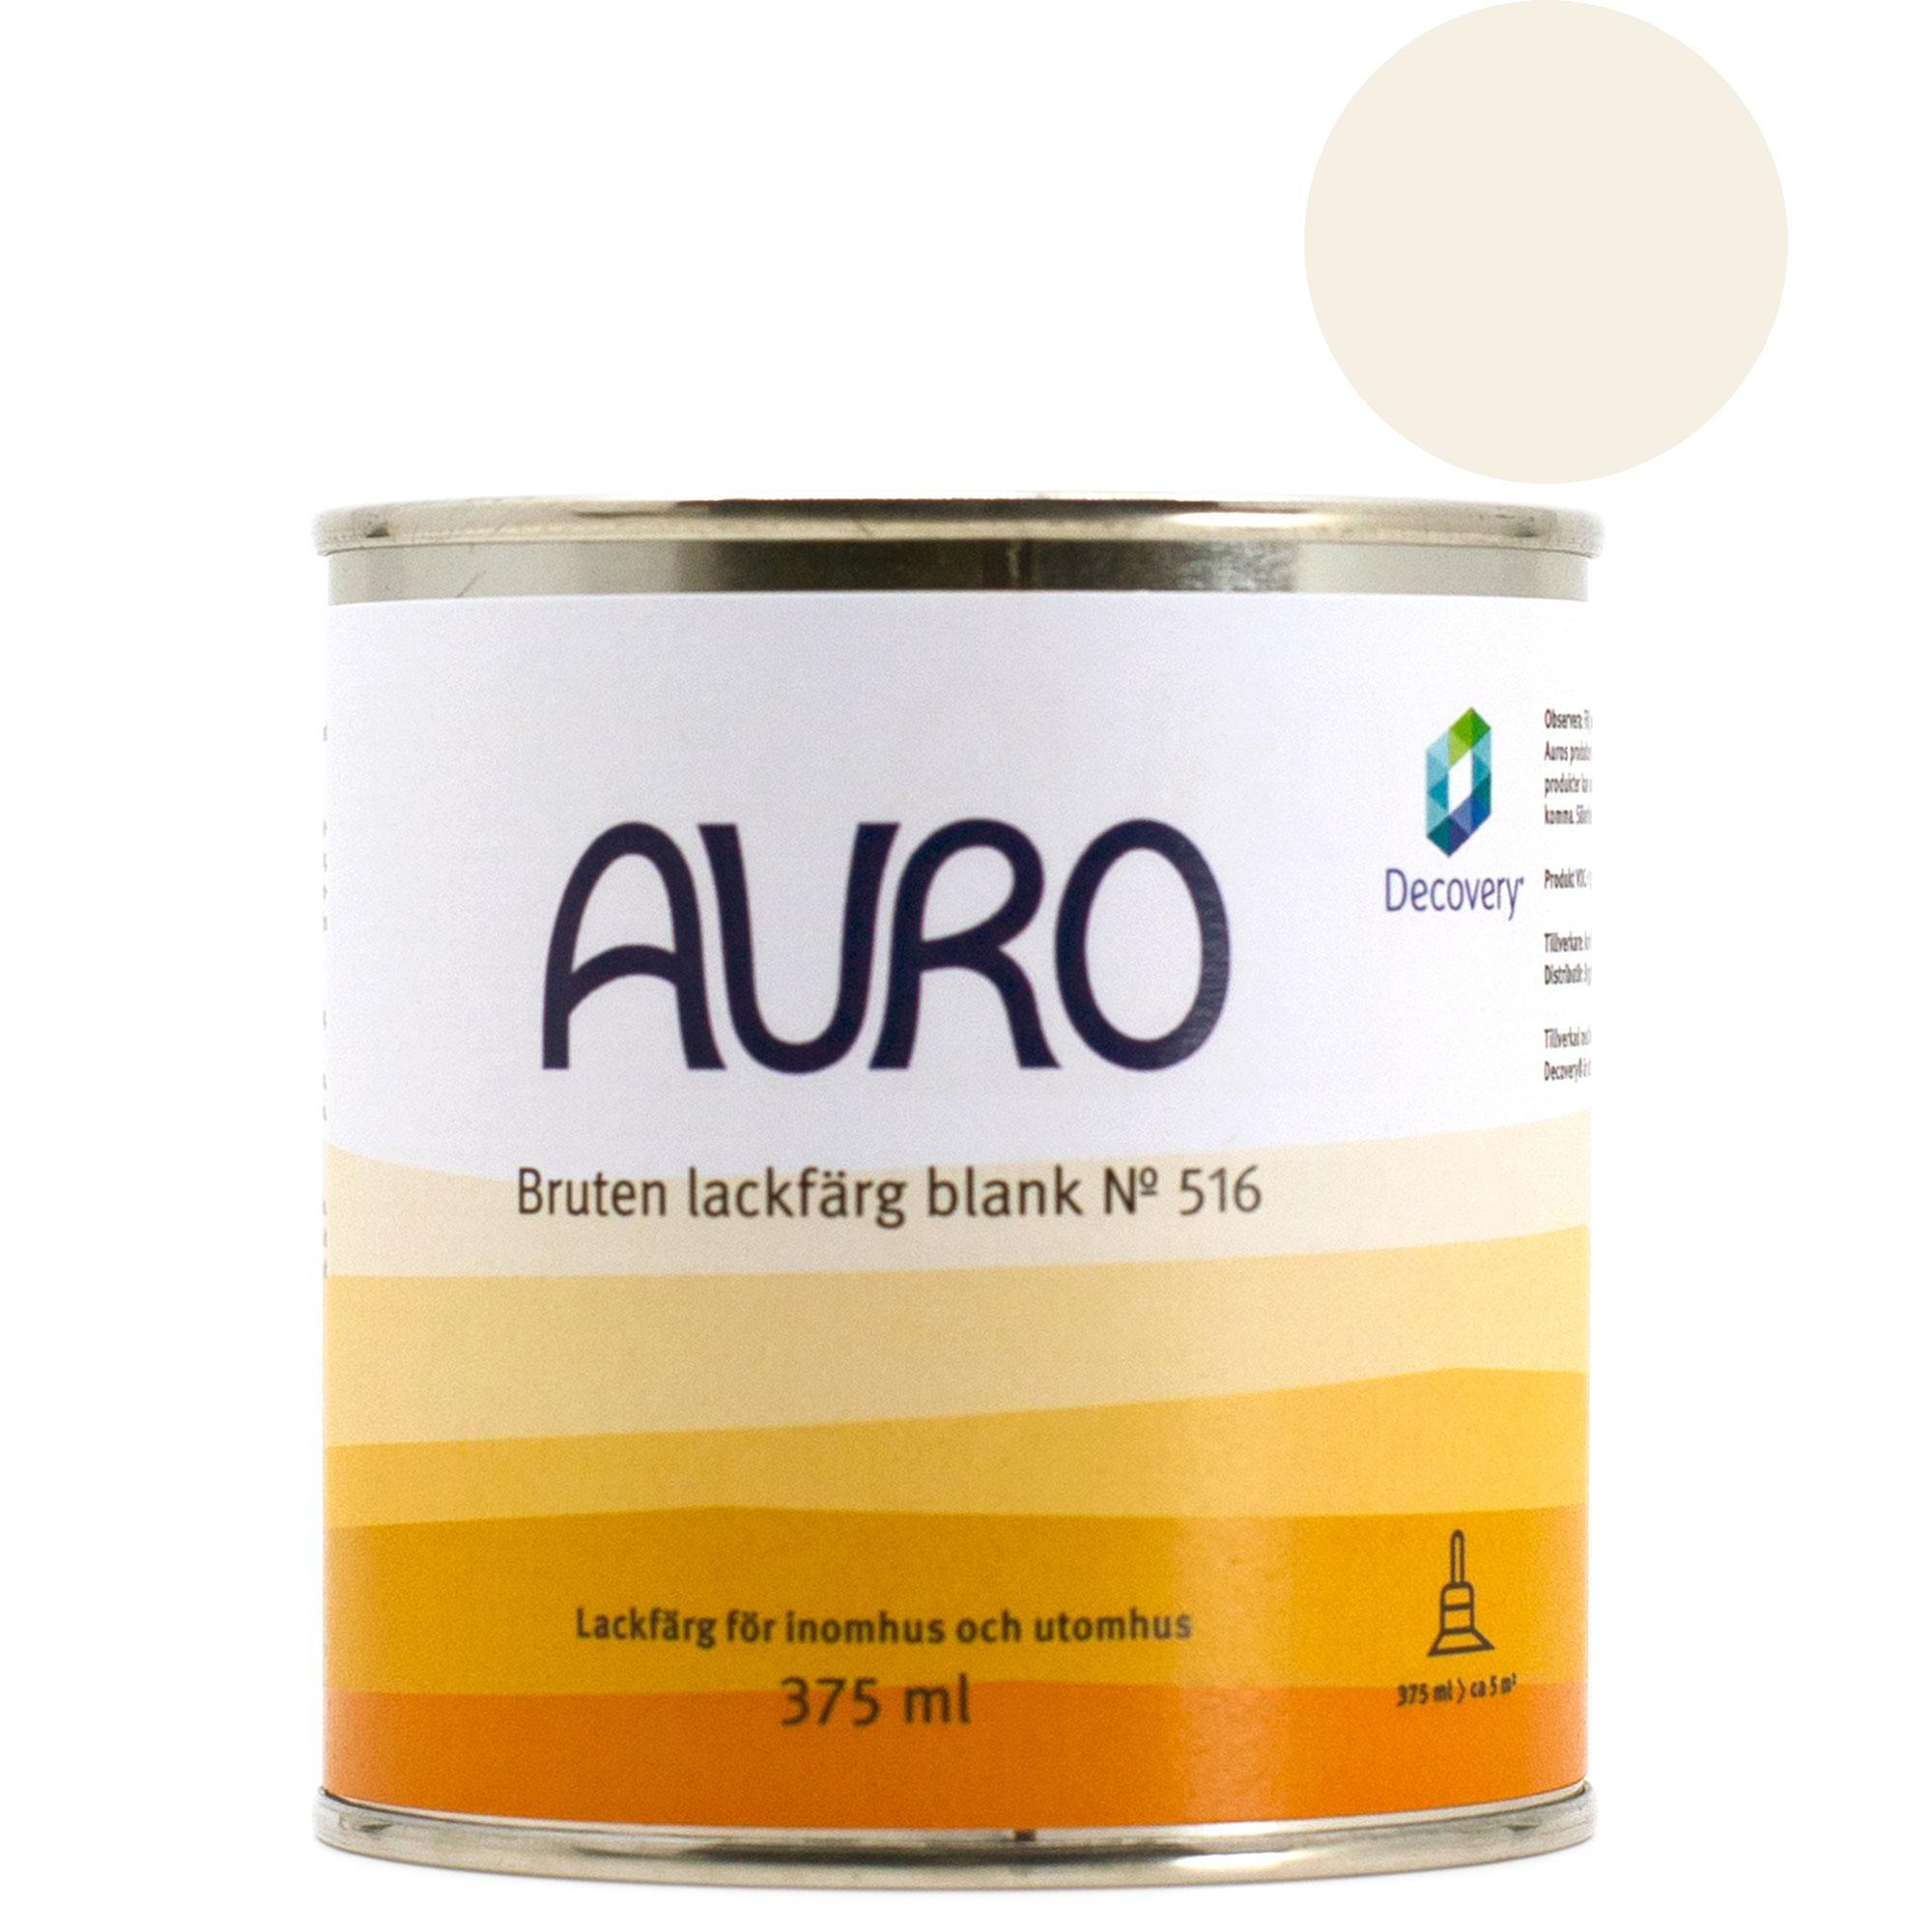 Lackfärg Blank 516 P - kulör: Pärla - 375 ml från Byggfabriken